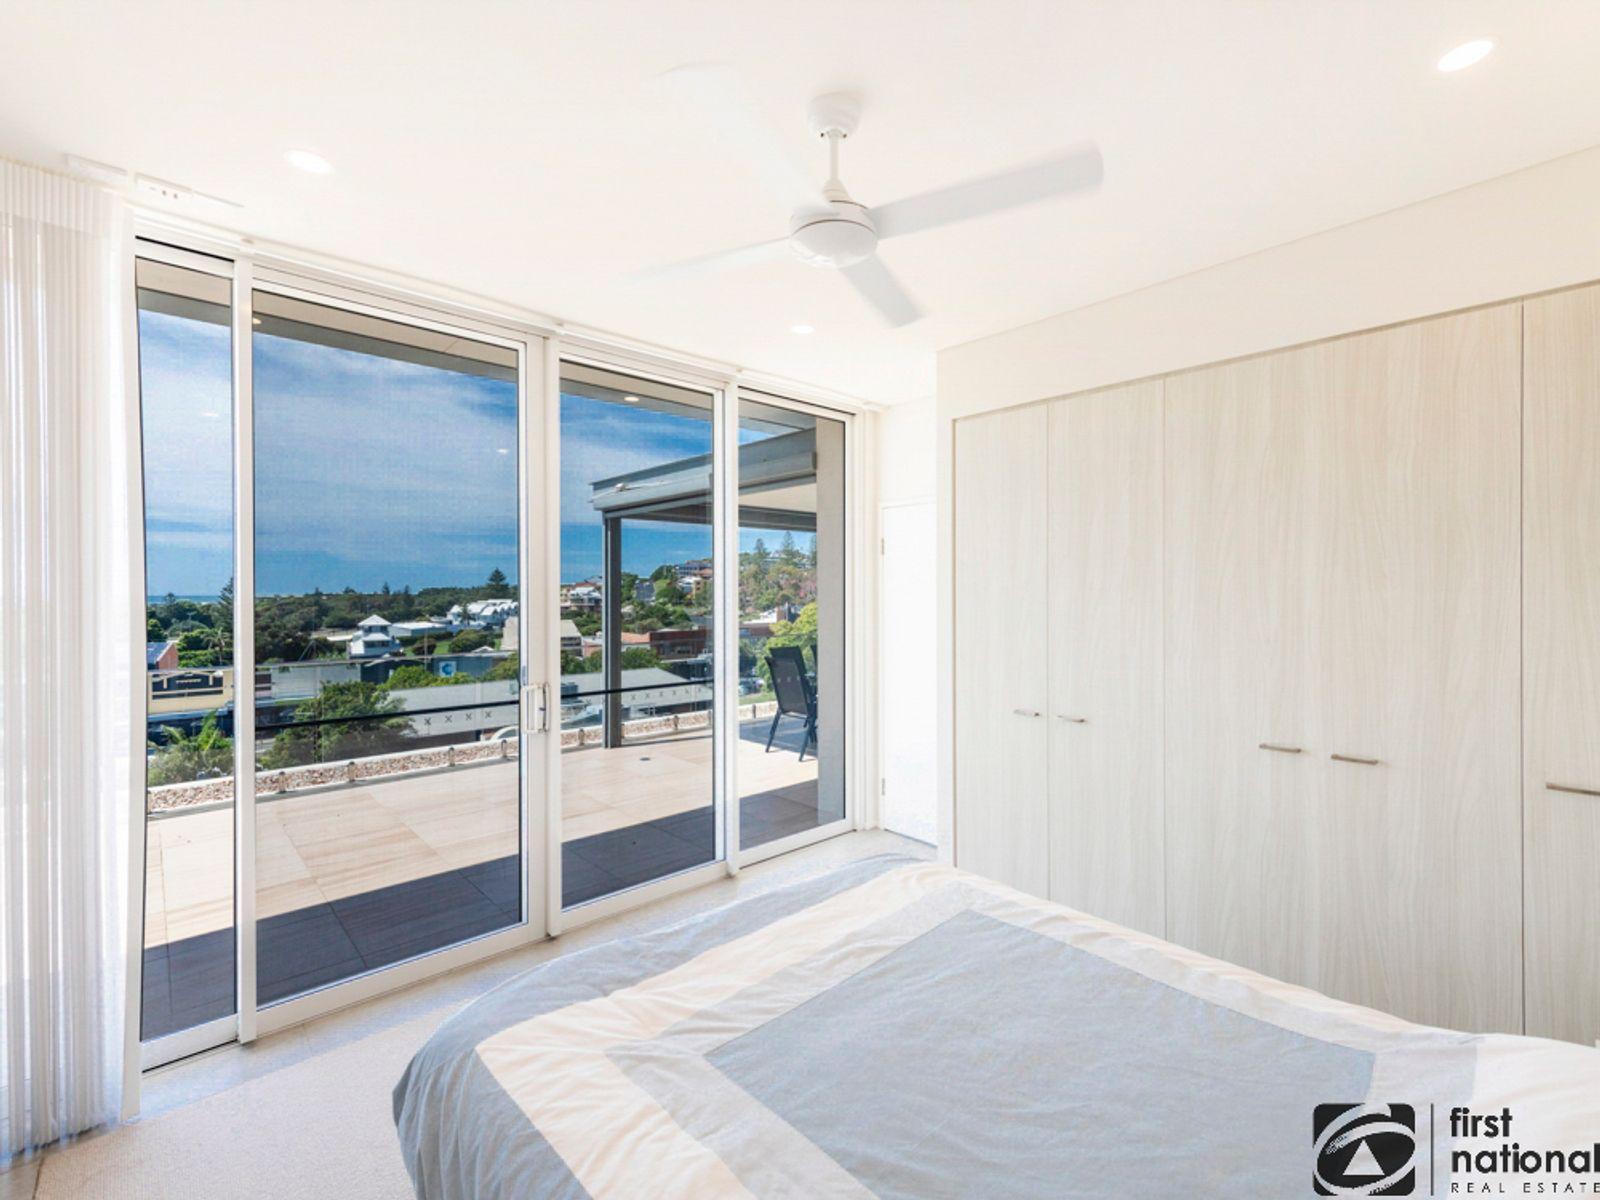 4.01/7 Edgar Street, Coffs Harbour, NSW 2450